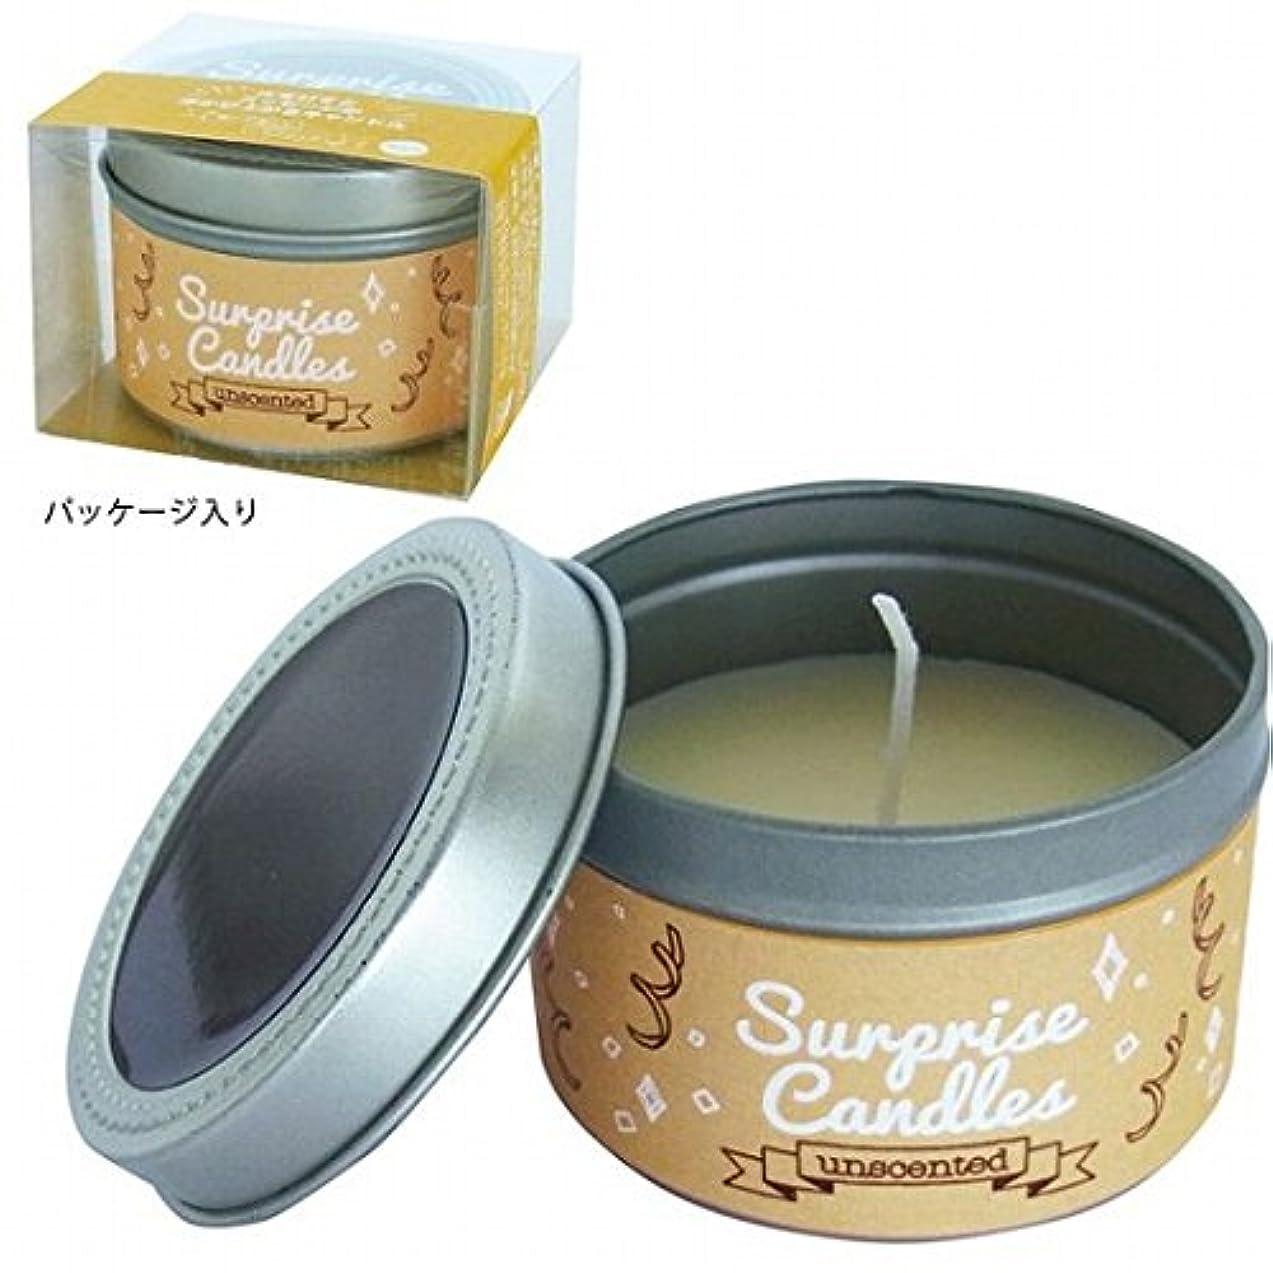 ご注意ポールパールカメヤマキャンドル( kameyama candle ) サプライズキャンドル 「無香」